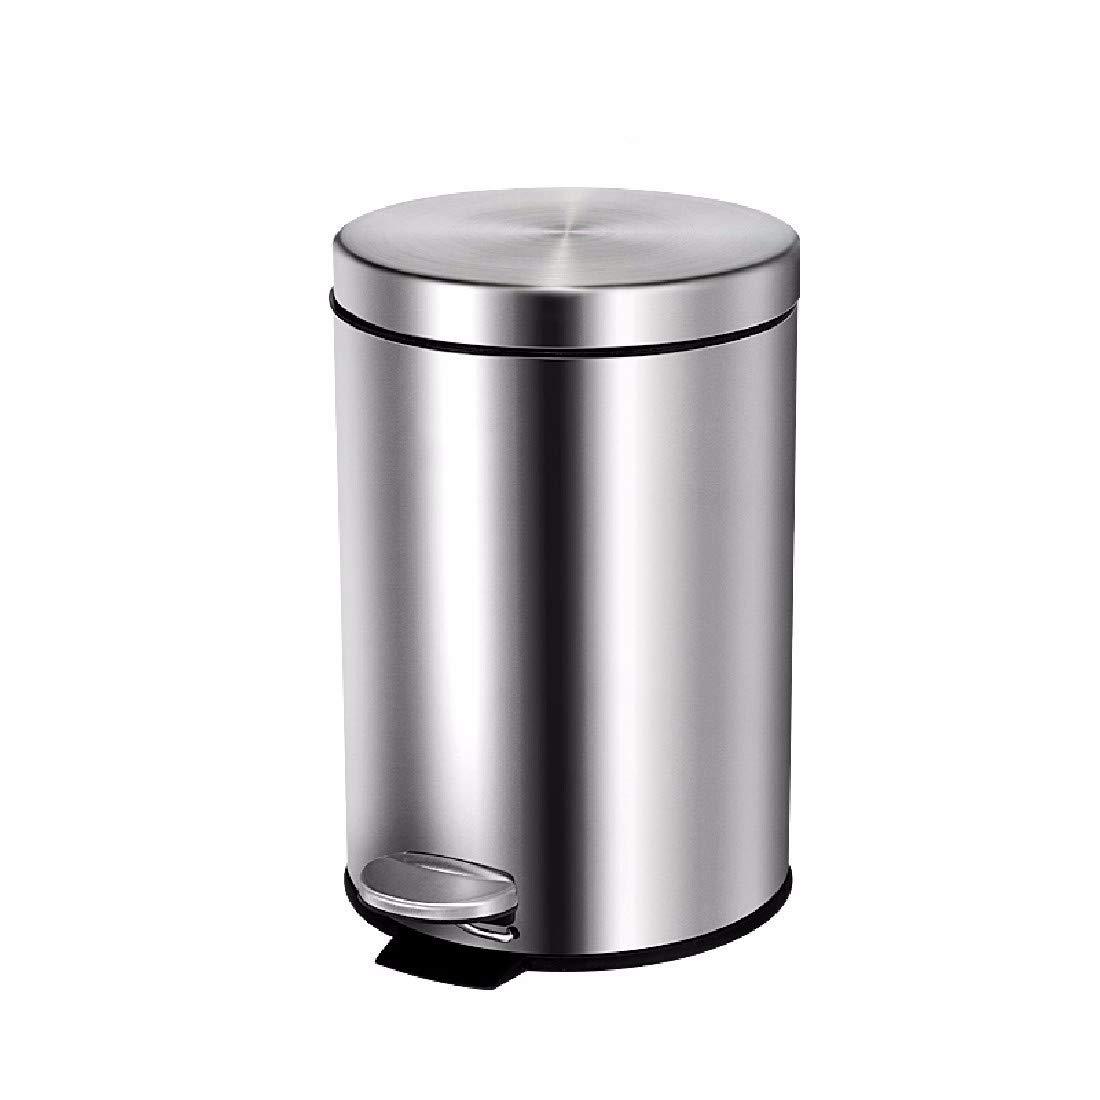 ZPSPZ cubos de Acero basura Pie de Acero de Inoxidable Cubo de Basura hogar Cocina Living baño muda Cinta Cover,B d76dd9